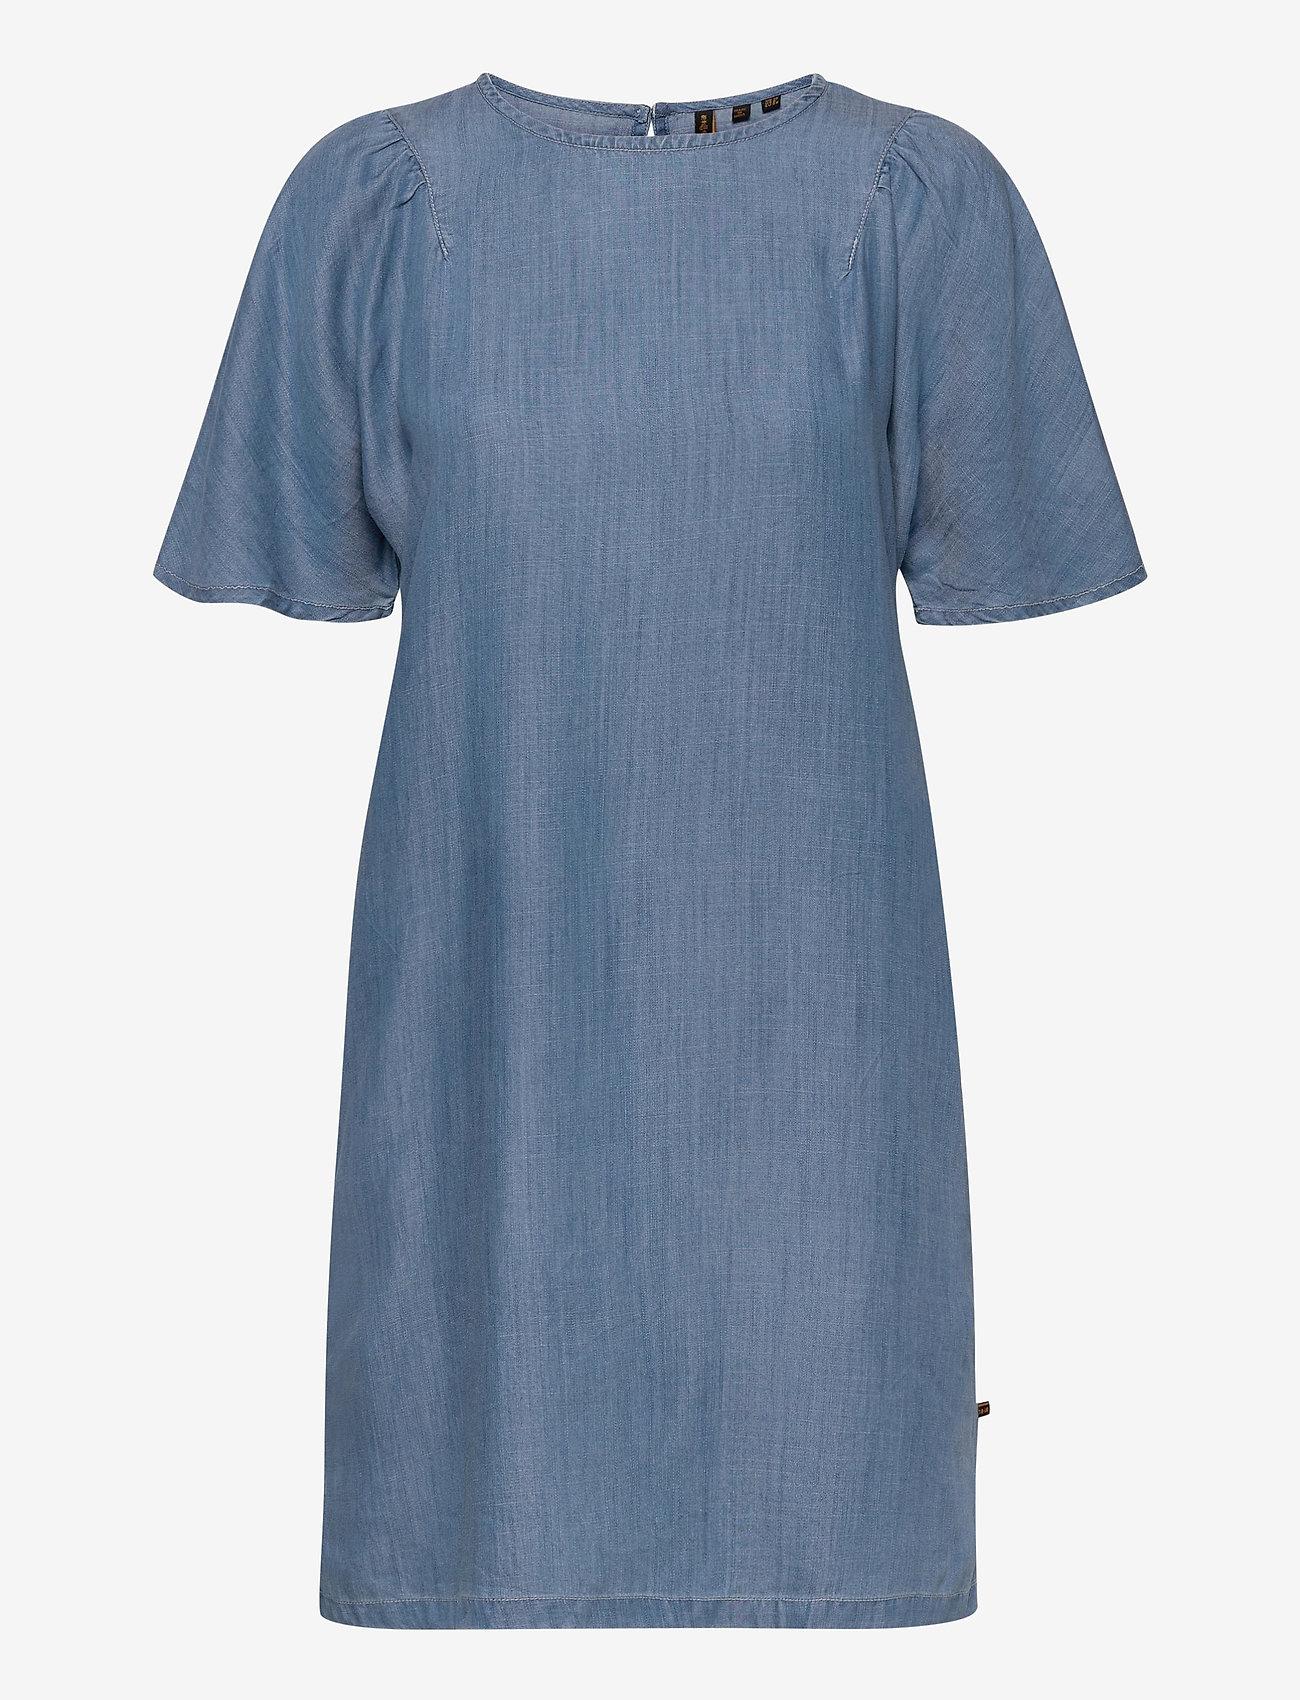 Superdry - TENCEL TSHIRT DRESS - midi dresses - light wash - 0